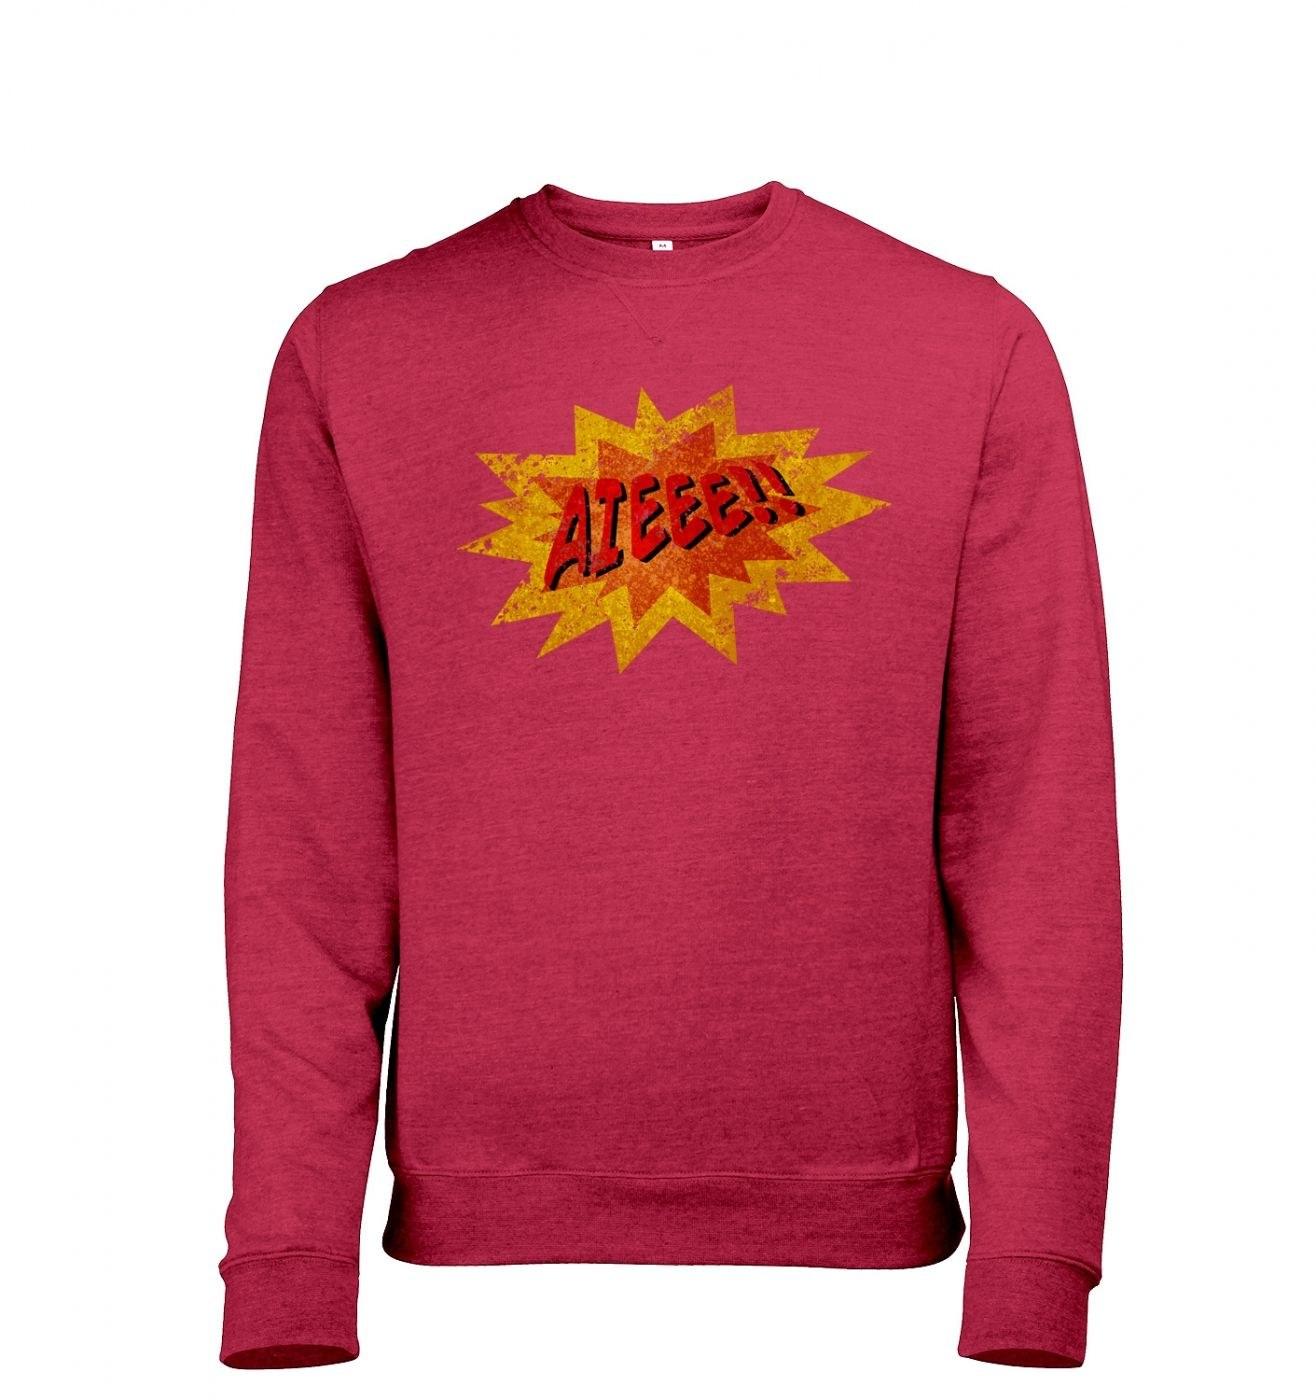 Aieee men's heather sweatshirt